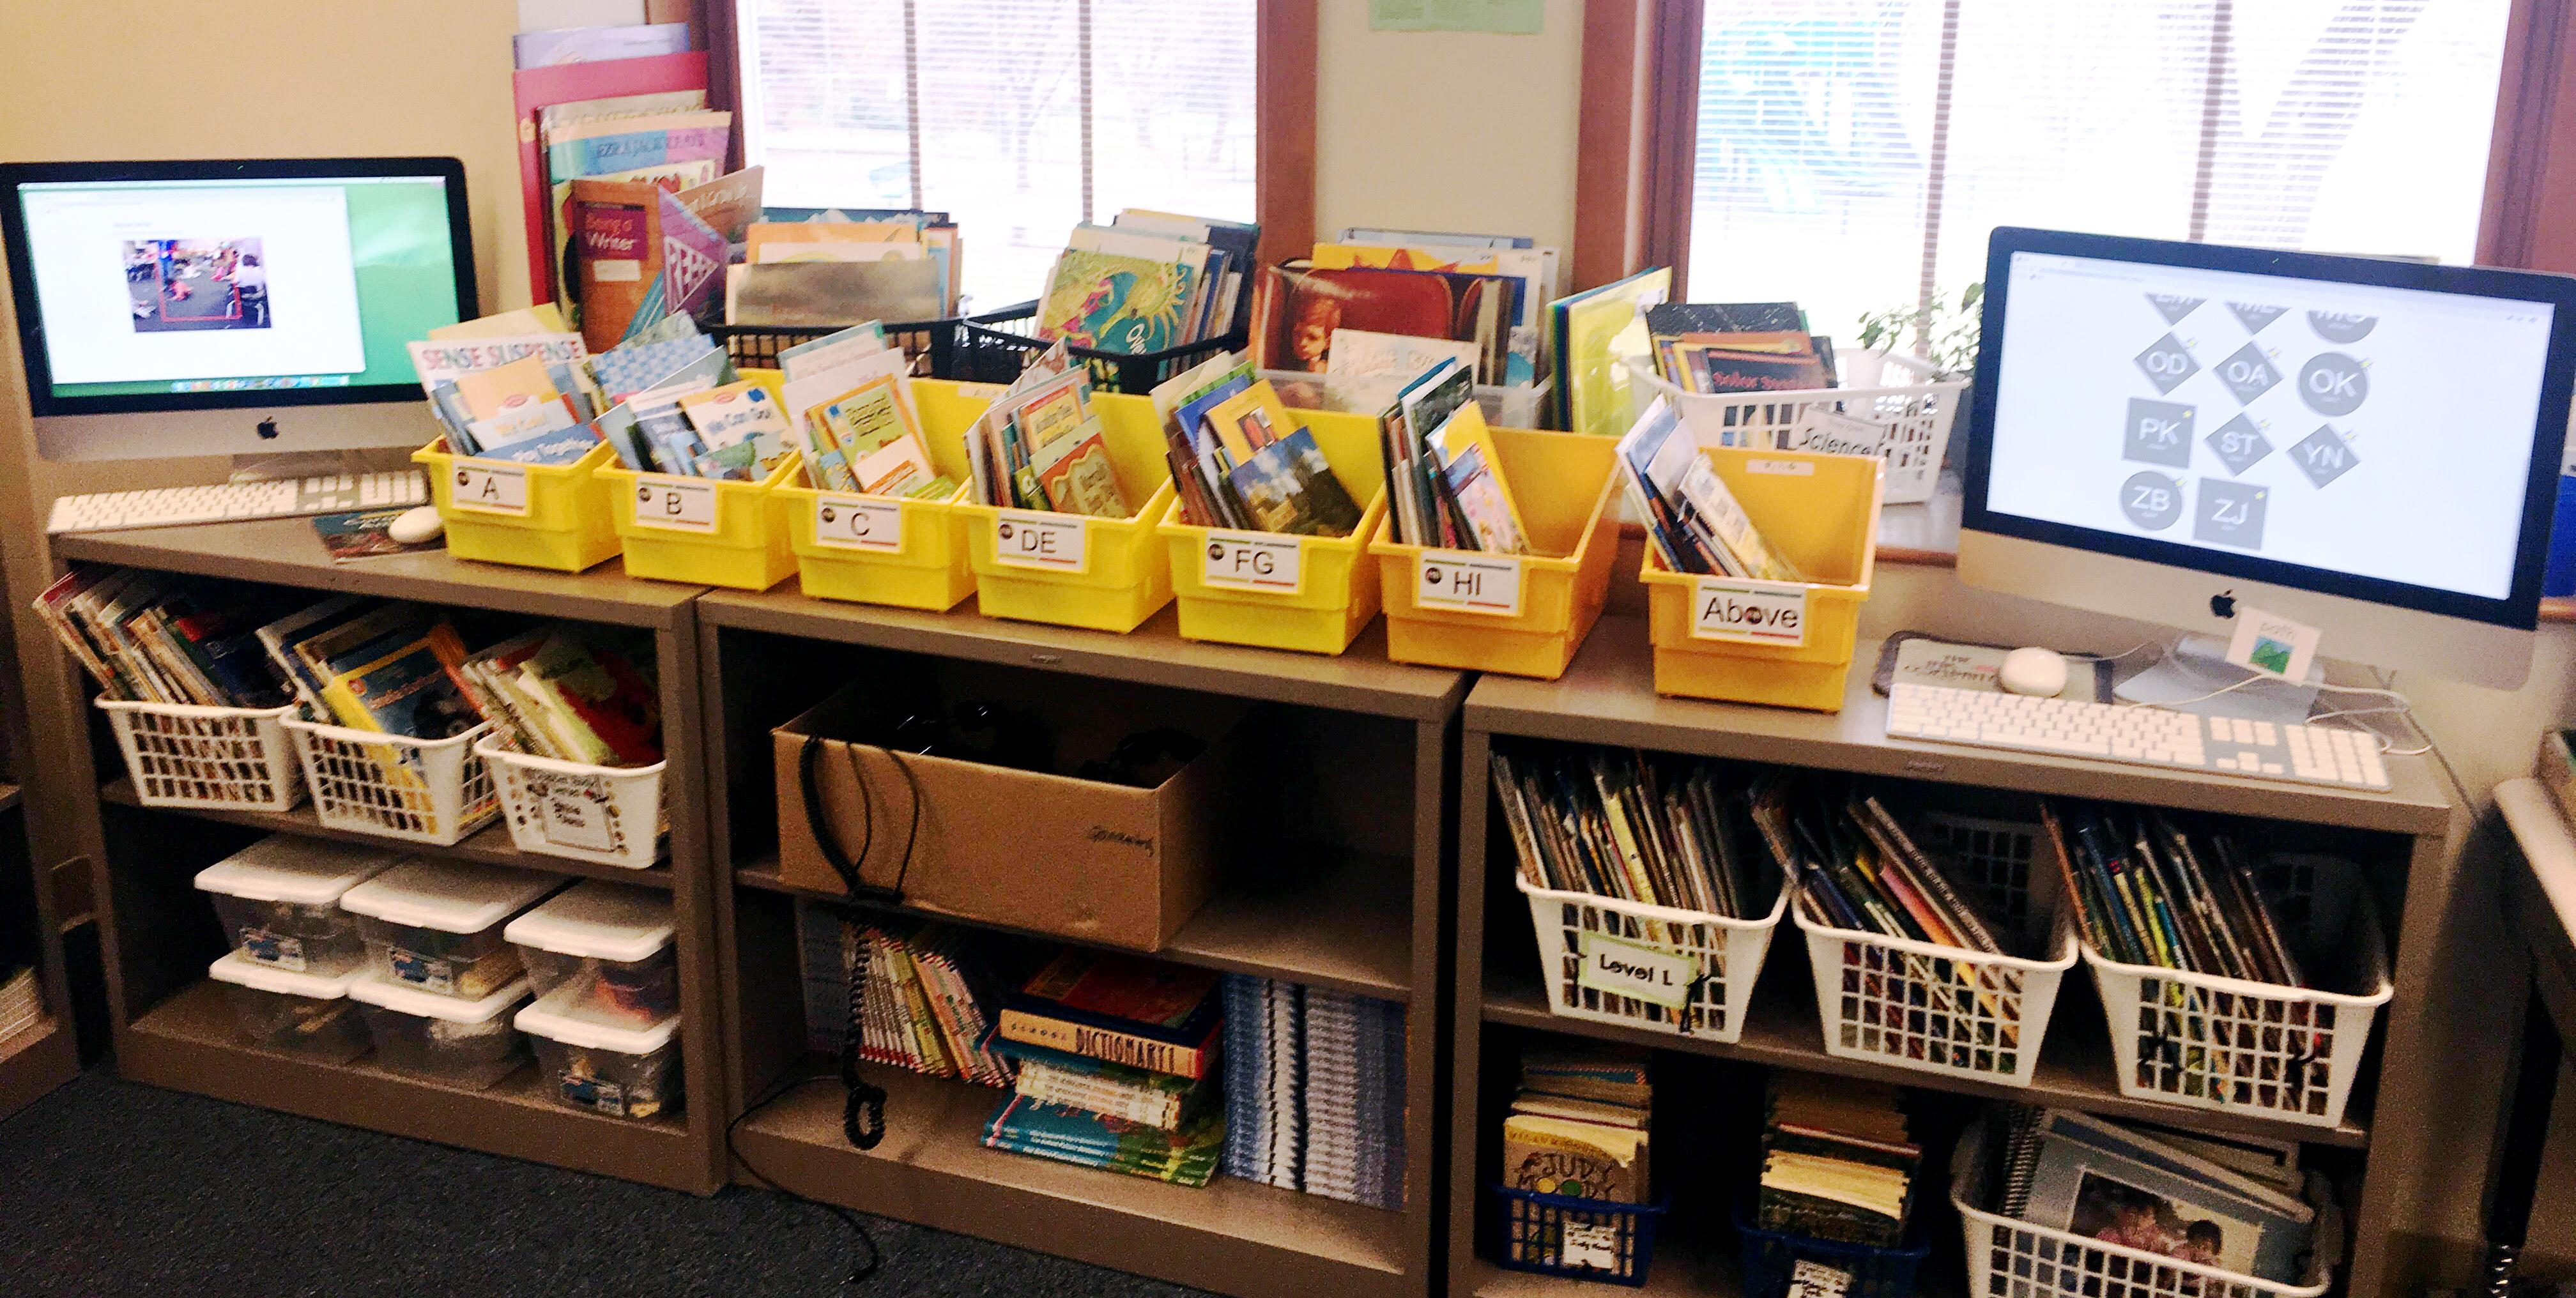 DELIVERING INFINITE BOOK SHELVES